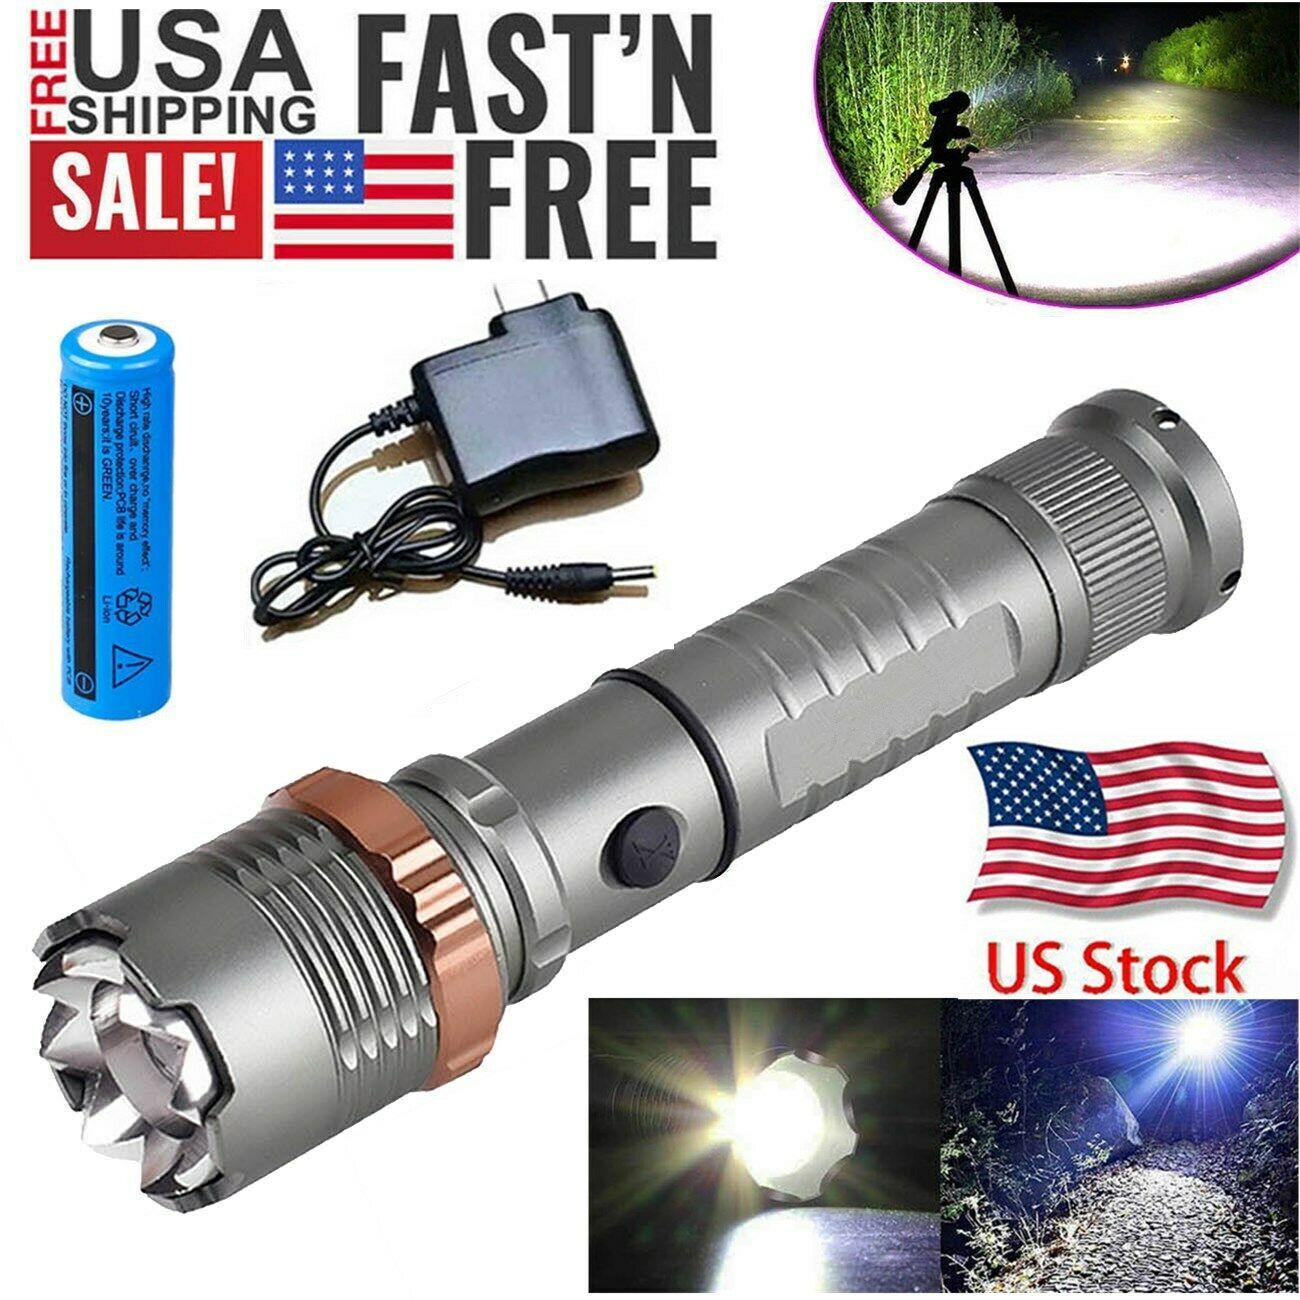 3800LM Mise à niveau T6 T6 TACTICLE LED lampe de poche rechargeable Police rechargeable étanche Randonnée zoomable puissant flambeau 18650 batterie + chargeur direct